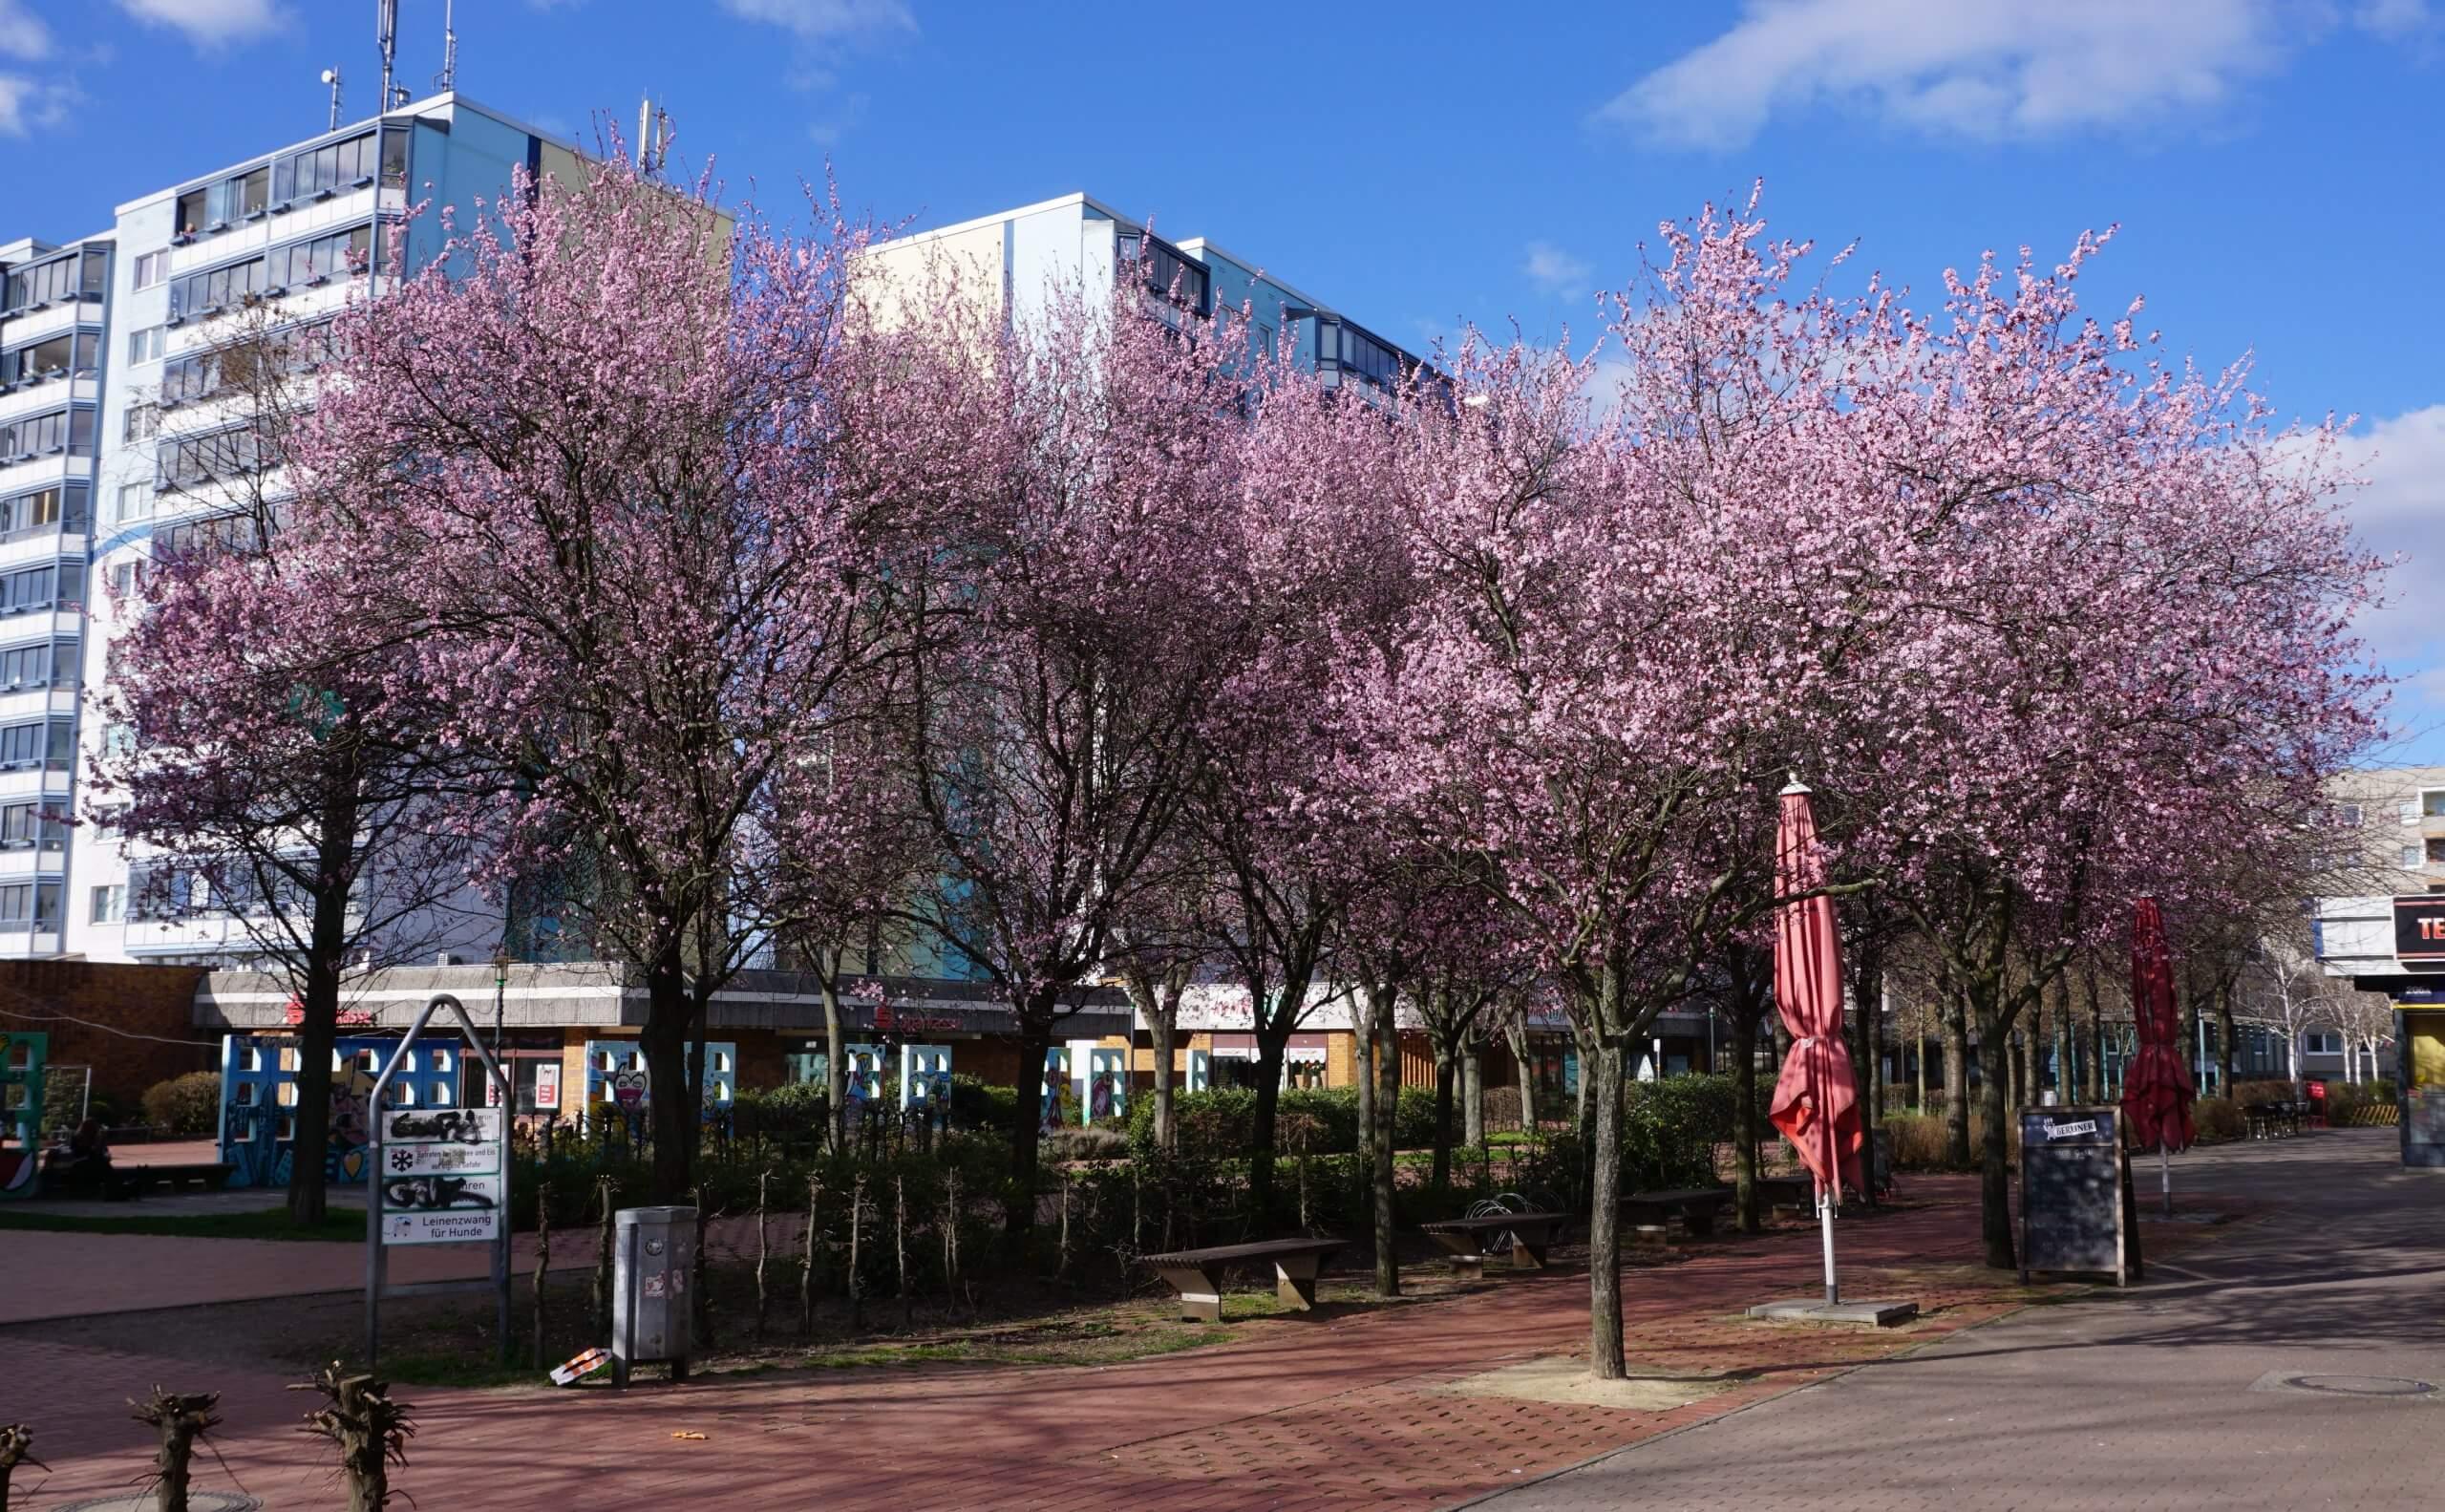 Das Bild zeigt rosafarben blühende Japanische Zierkirschen, die sich bei sonnigem Wetter eindrucksvoll vom Blau des Himmels abheben, hier im März 2020 in der zentralen Ladenpassage des Kosmosviertels.